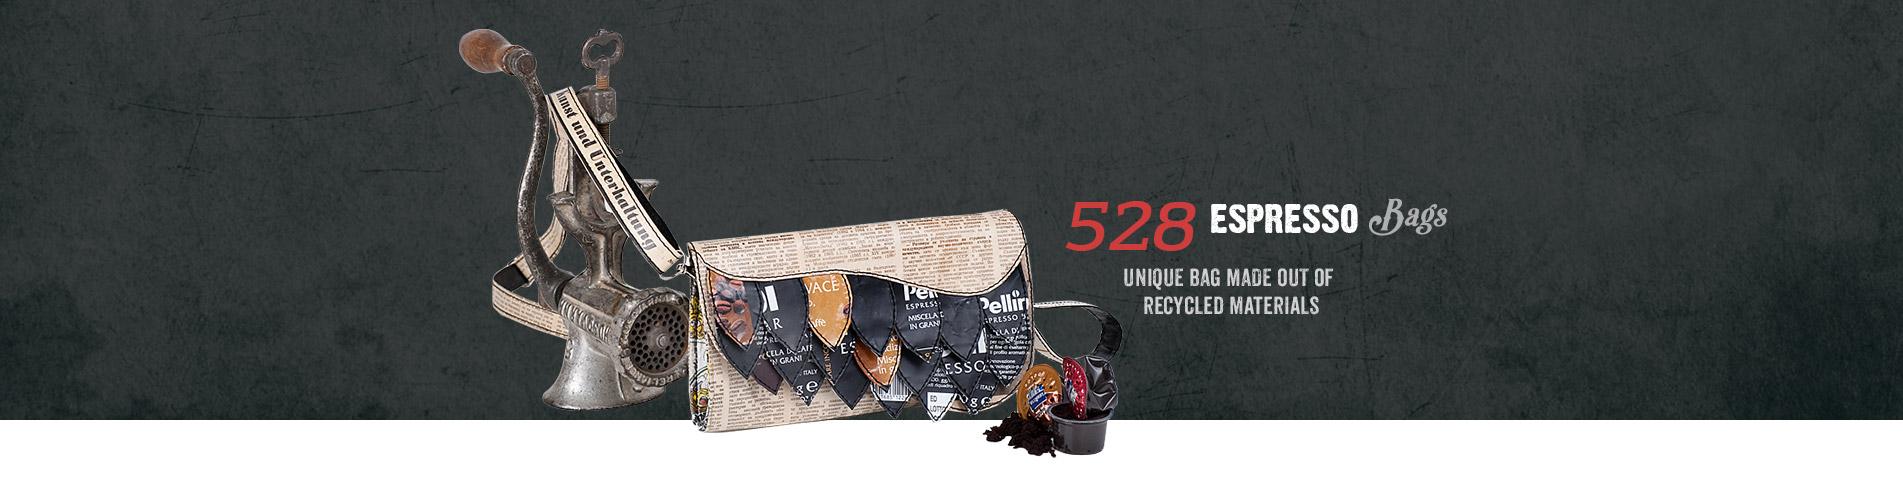 528 Espresso Bags